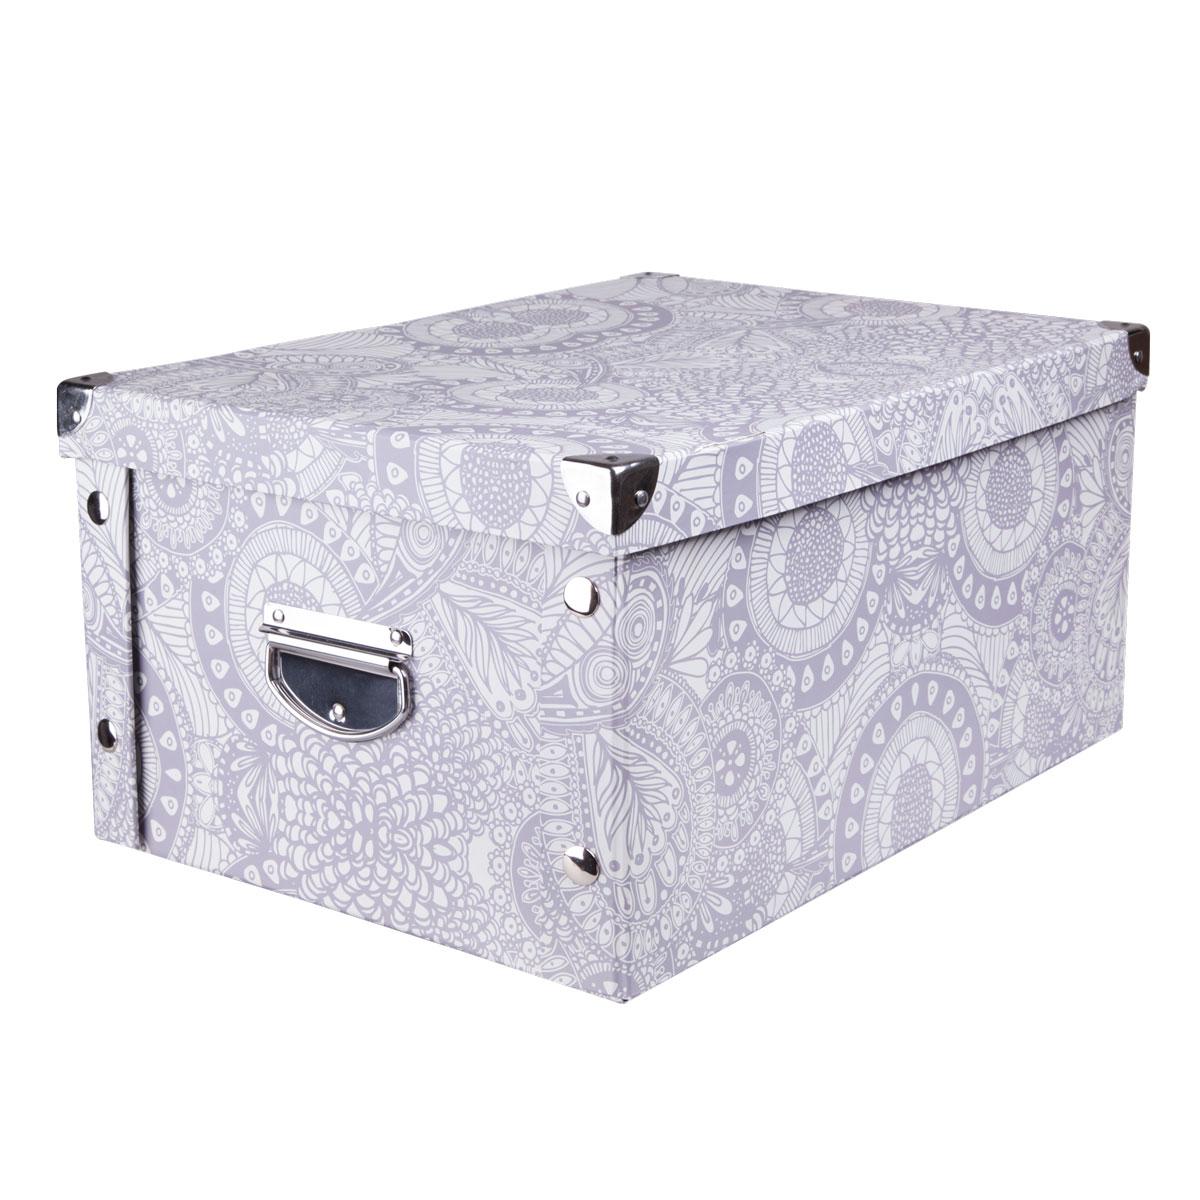 Коробка для хранения Miolla, 45 х 35 х 22,5 см. CFB-04CFB-04Коробка для хранения Miolla прекрасно подойдет для хранения бытовых мелочей, документов, аксессуаров для рукоделия и других мелких предметов. Коробка поставляется в разобранном виде, легко и быстро складывается. Плотная крышка и удобные для переноски металлические ручки станут приятным дополнением к функциональным достоинствам коробки. Удобная крышка не даст ни одной вещи потеряться, а оптимальный размер подойдет для любого шкафа или полки. Компактная, но при этом вместительная коробка для хранения станет яркой нотой в вашем интерьере.